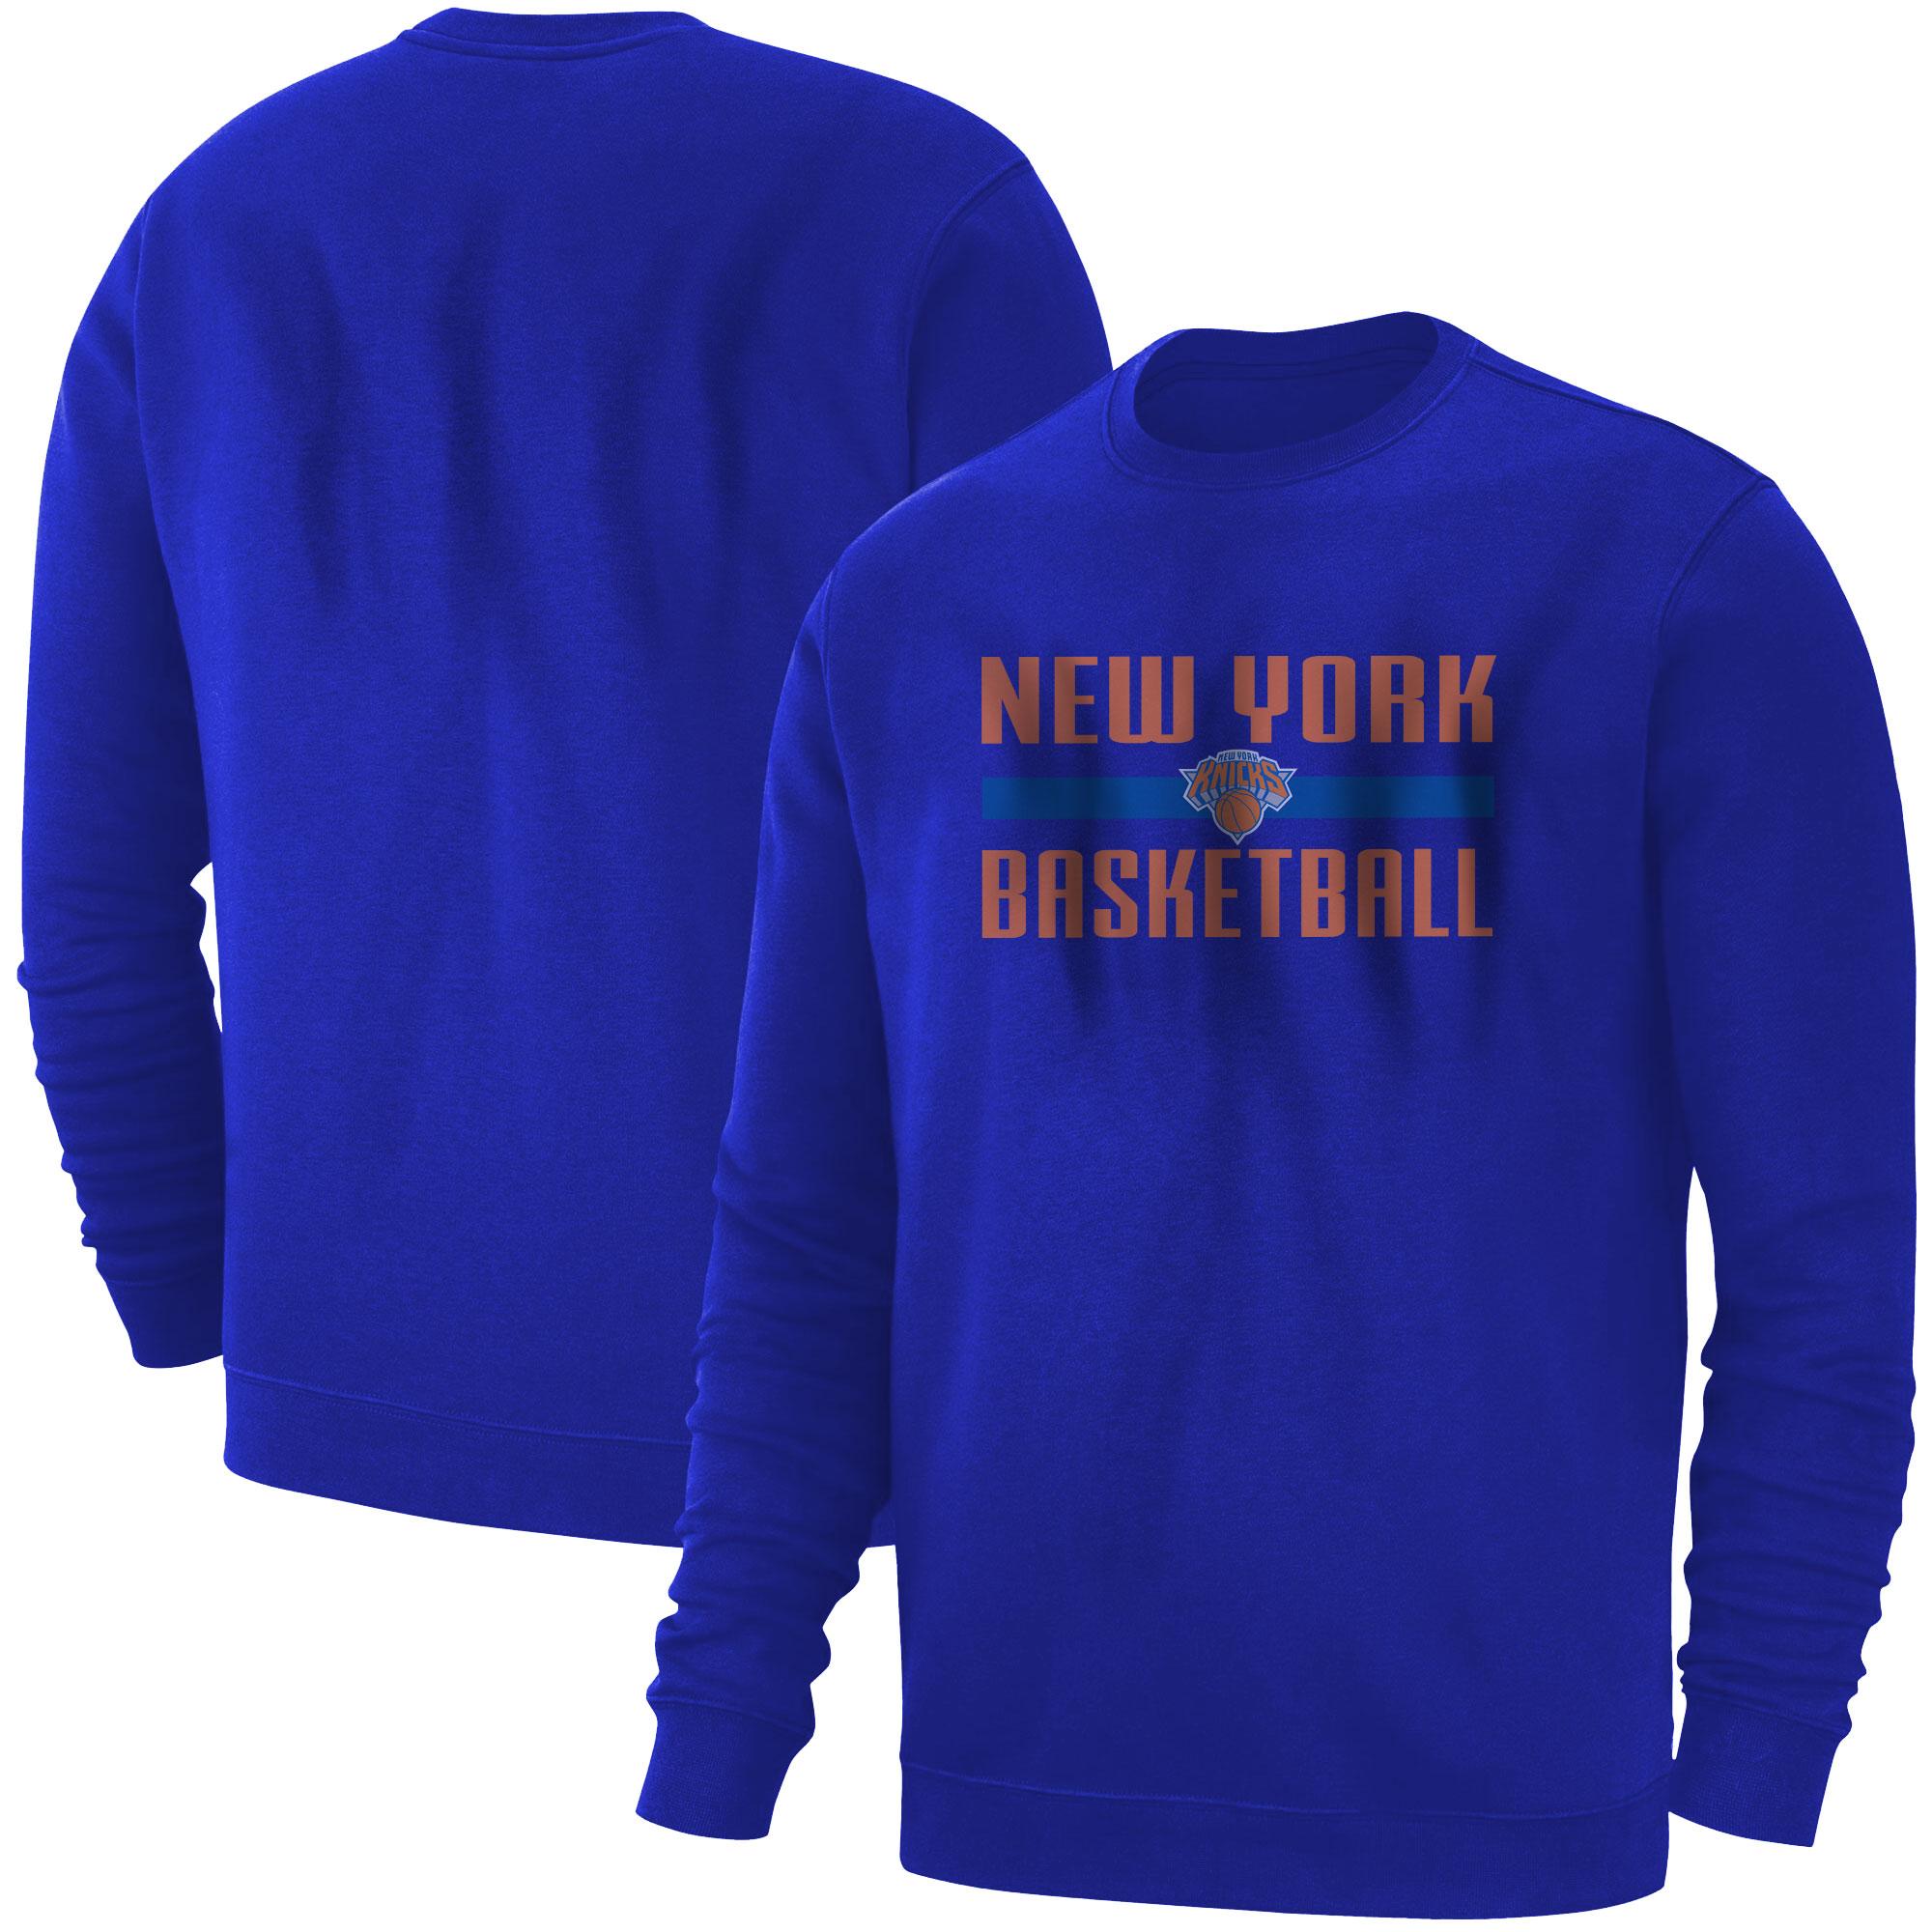 New York Knicks Basketball Basic (BSC-BLU-NP-knicks-bsktbll-531)